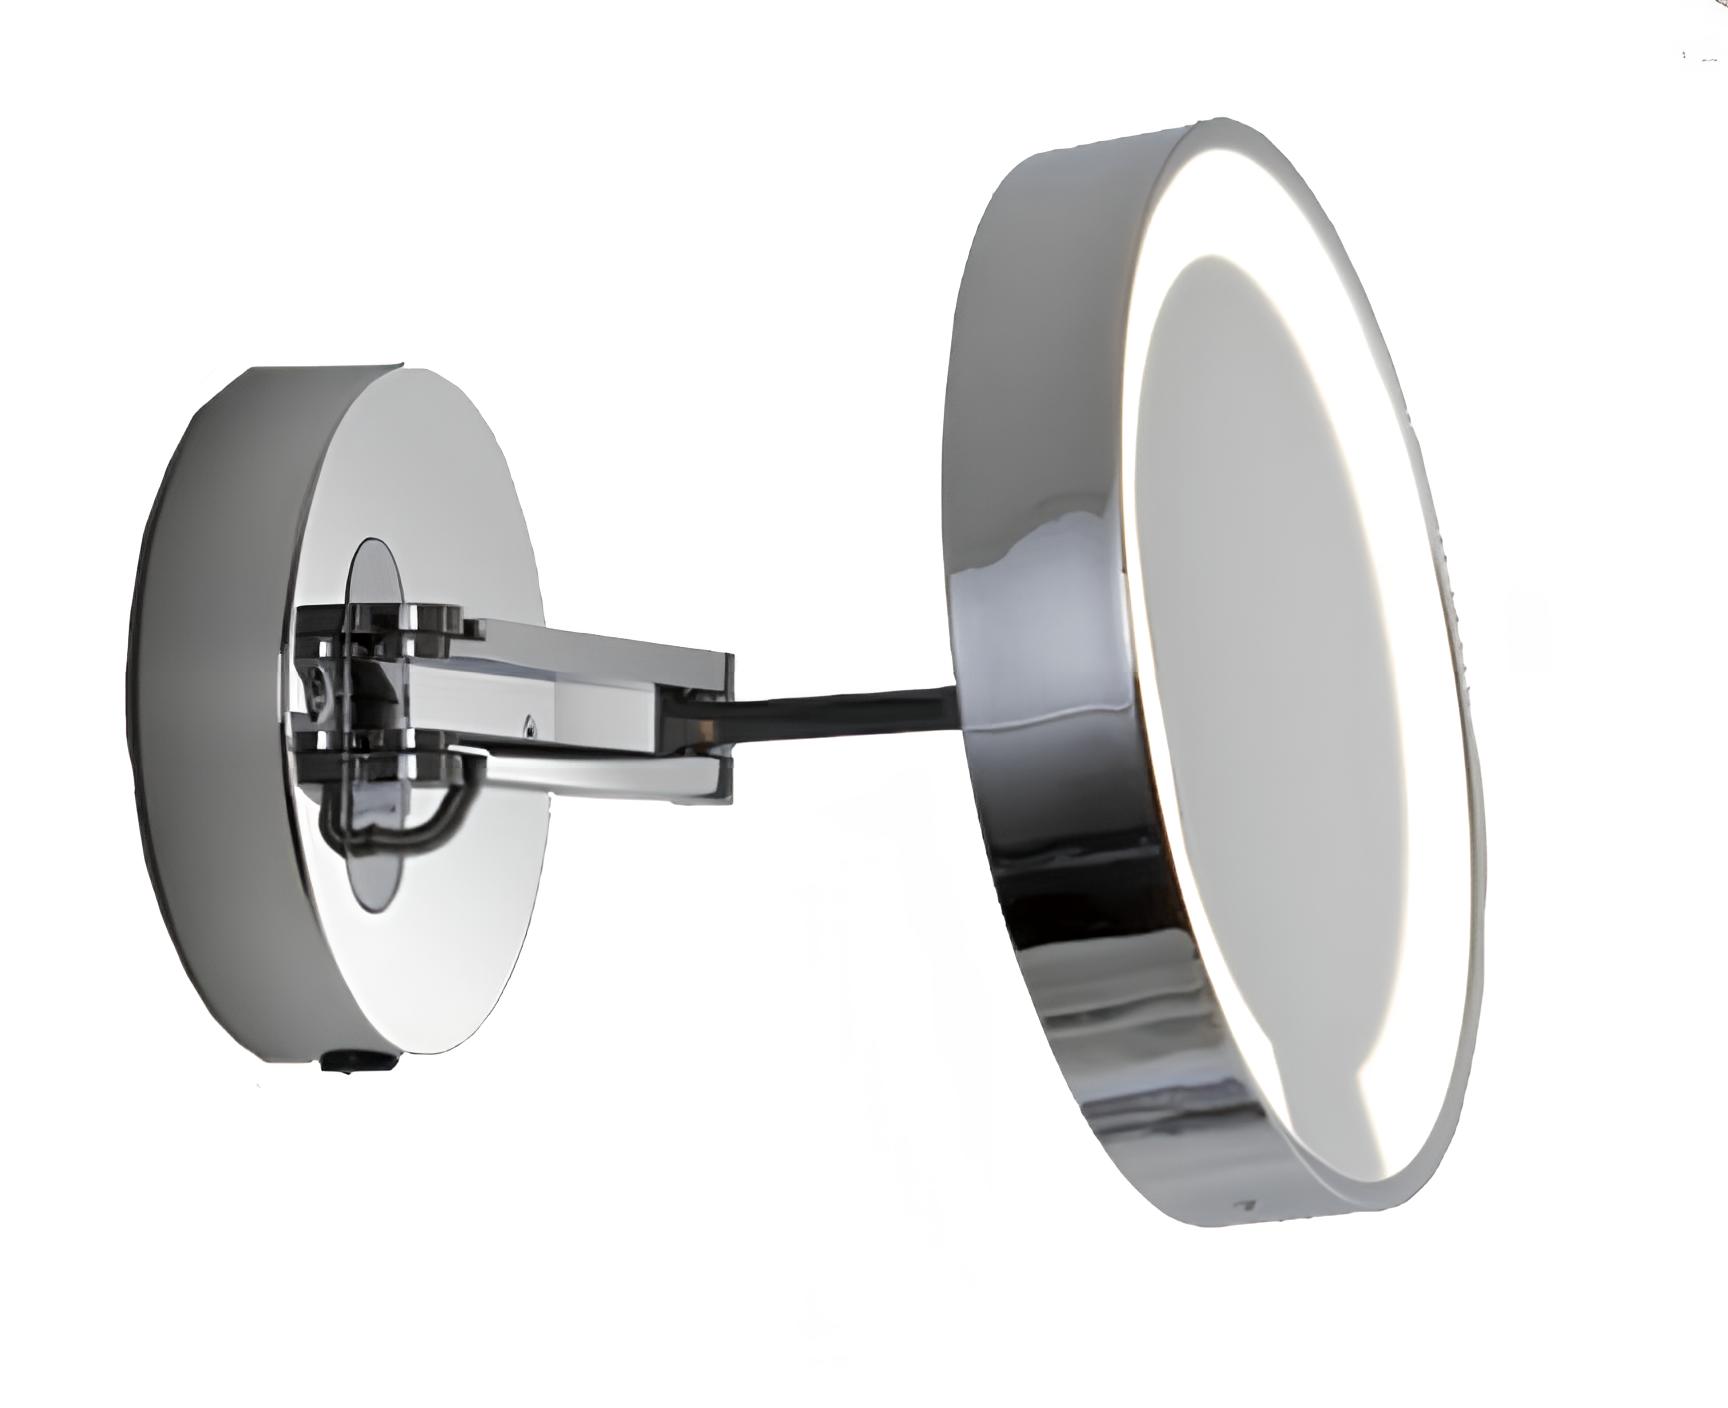 Schminkspiegel mit Licht Caten | Perfecto design